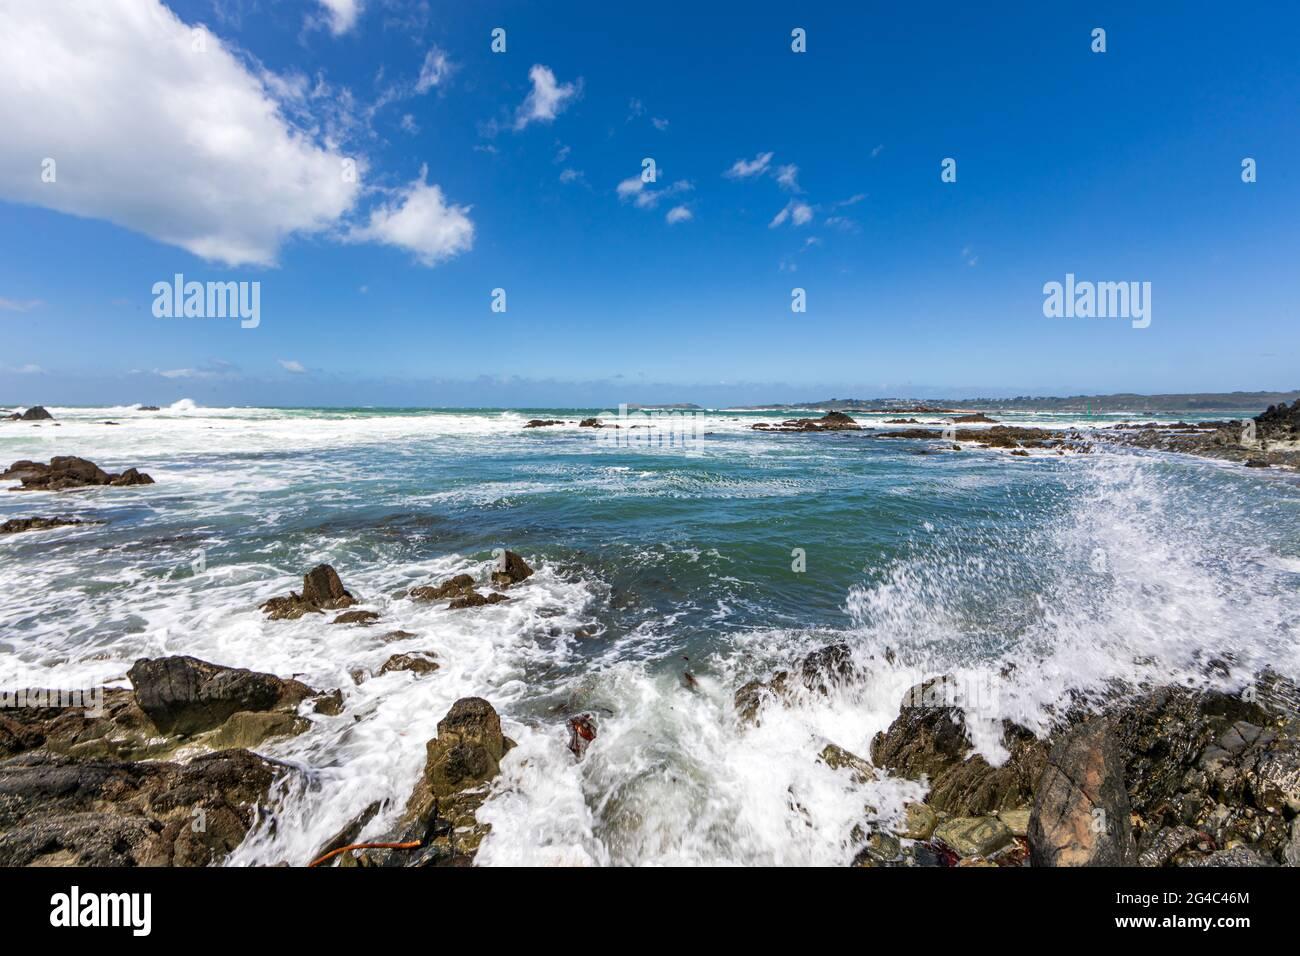 Mare turbolento a Pointe de Sehar, Trredez-Locquemeau, Cotes d'Armor, Bretagna, Francia Foto Stock